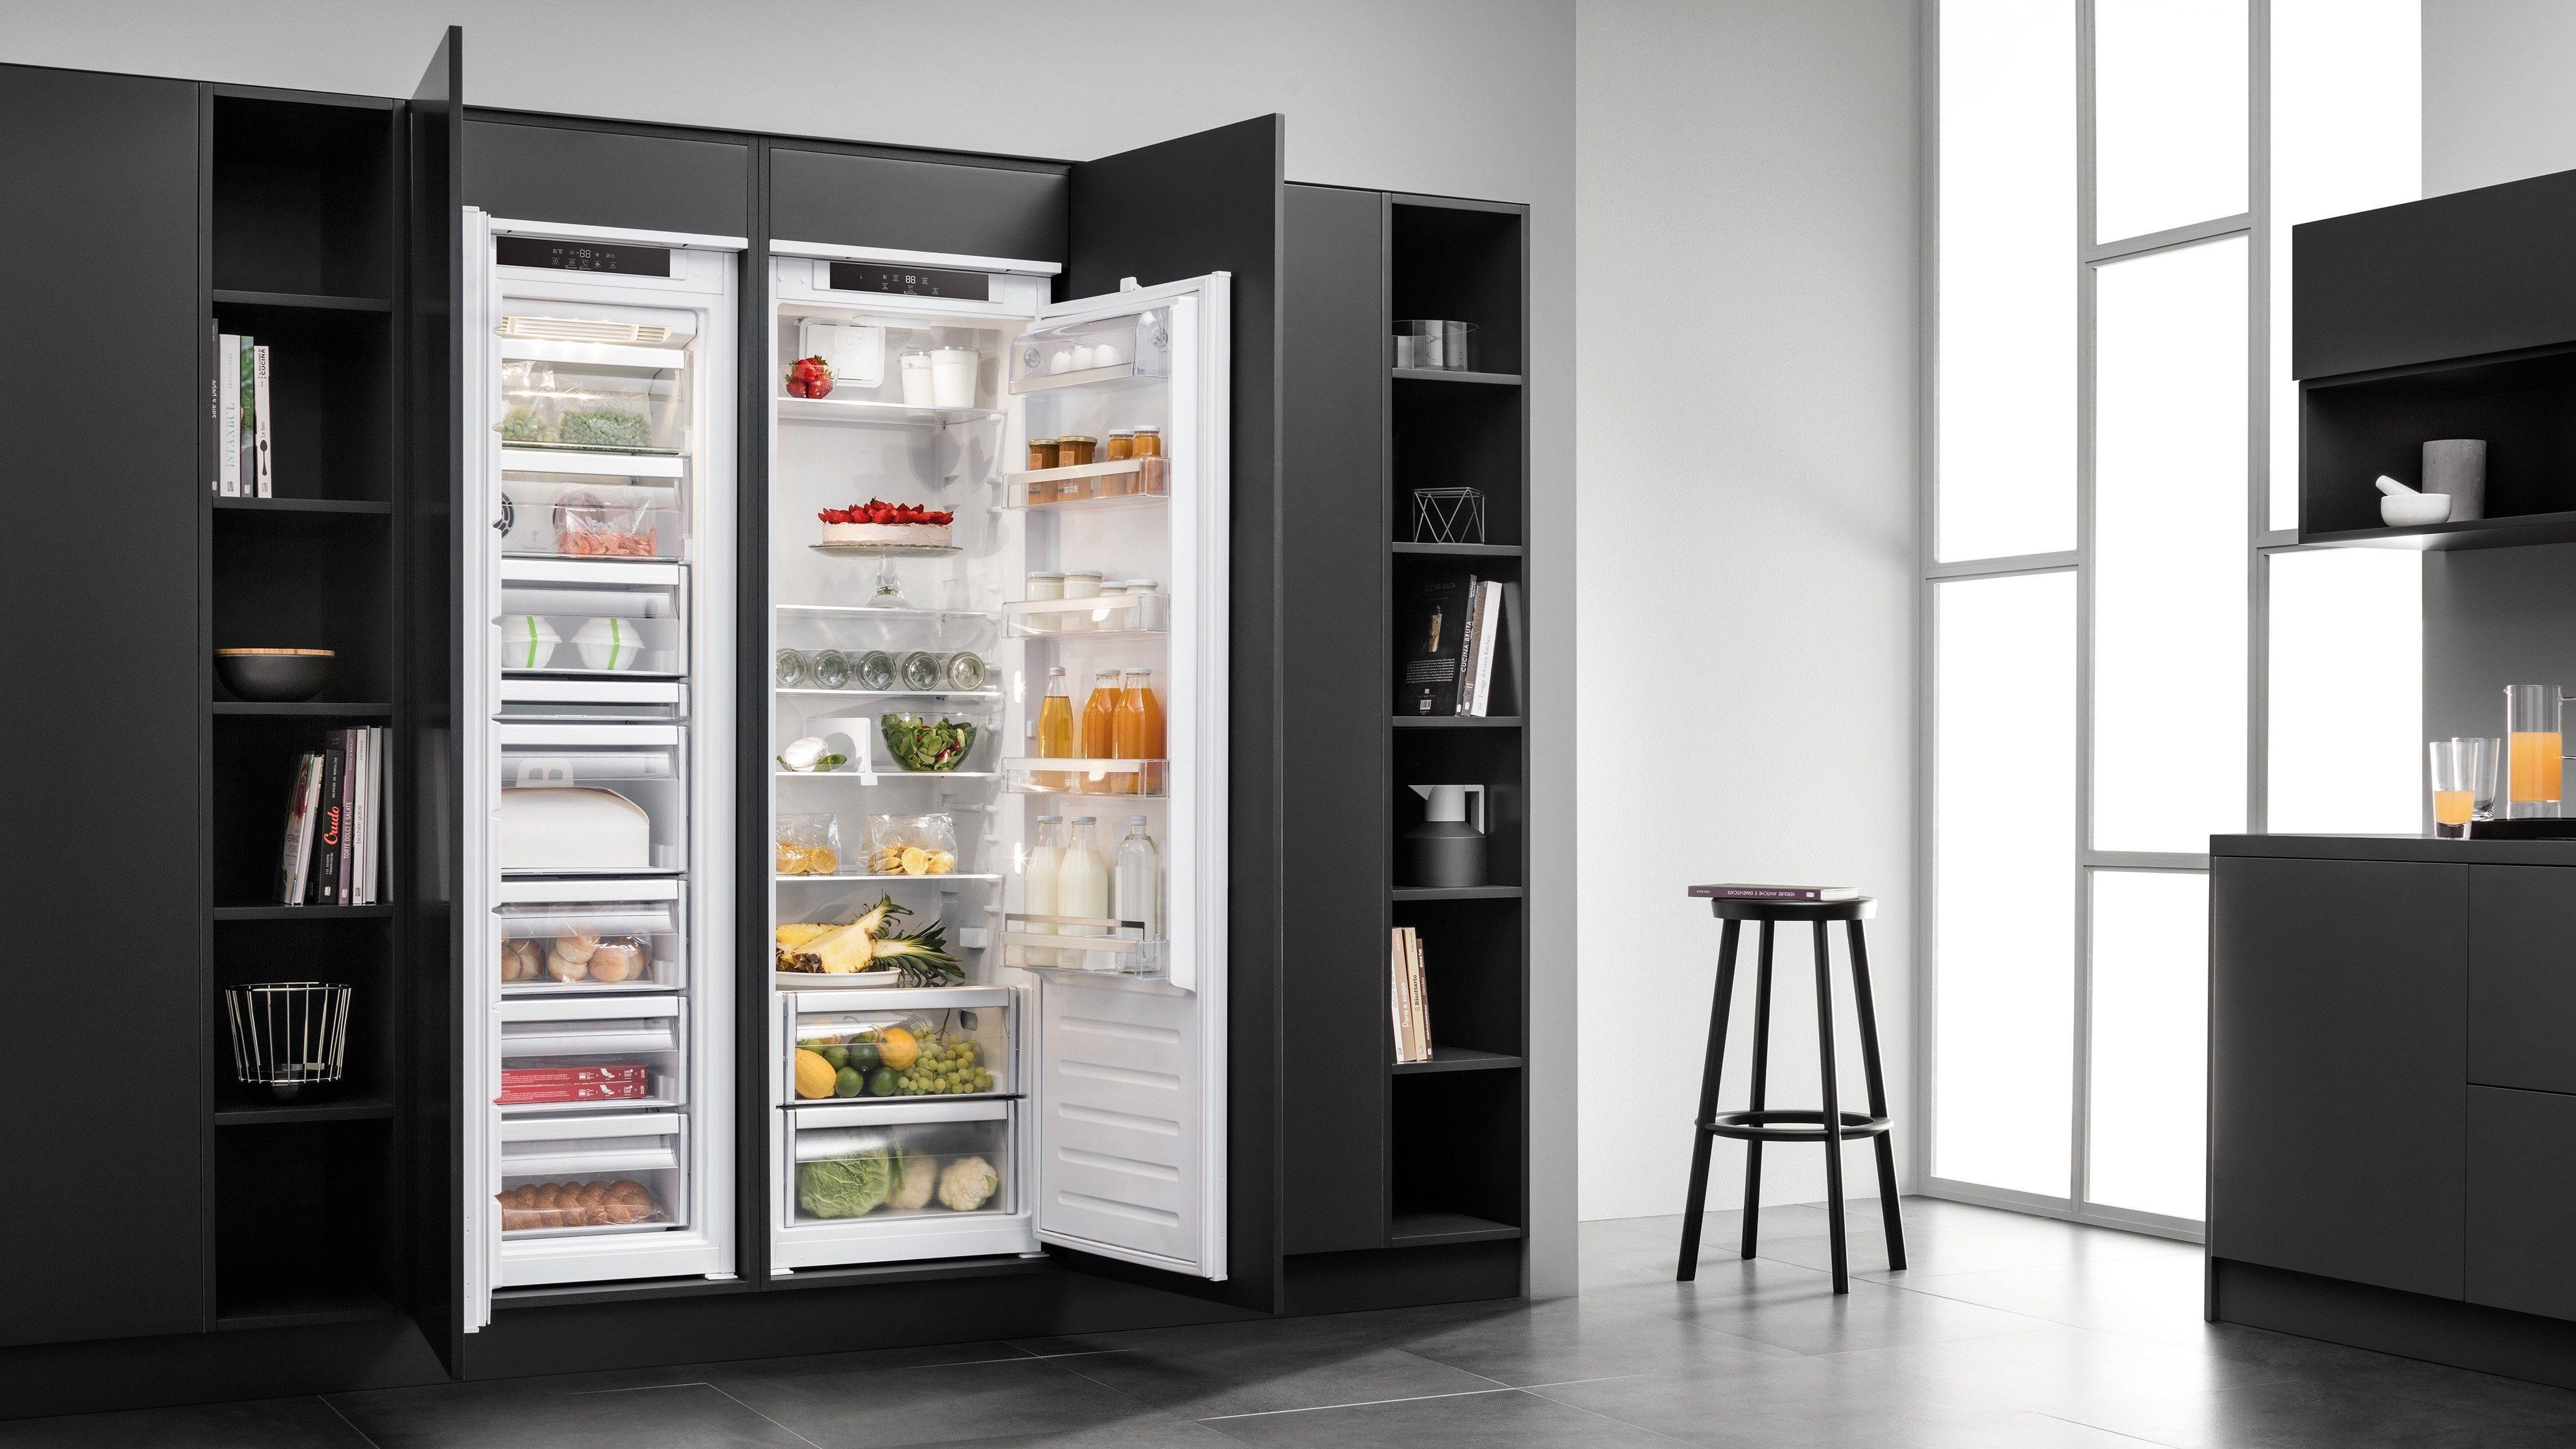 Gorenje Kühlschrank Temperaturregler : Gorenje kühlschrank temperatur zu kalt mega komfort siemens